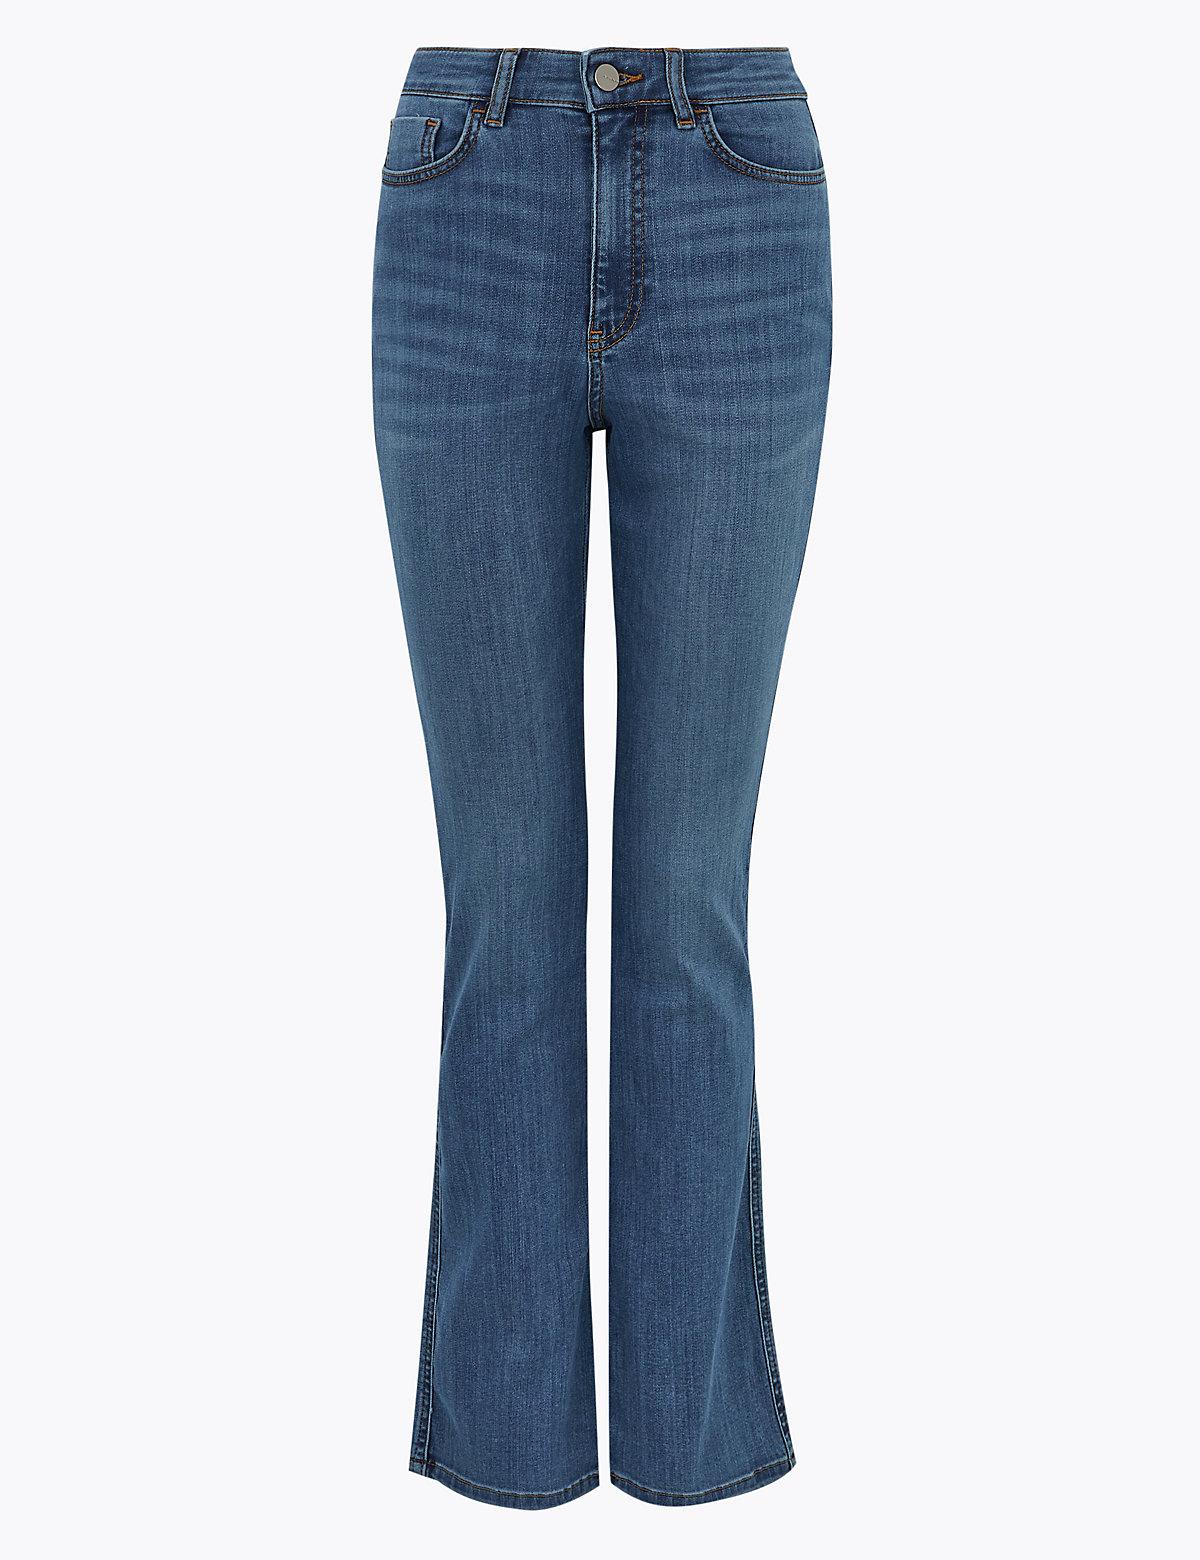 Расклешенные джинсы с высокой талией из хлопка Luxury